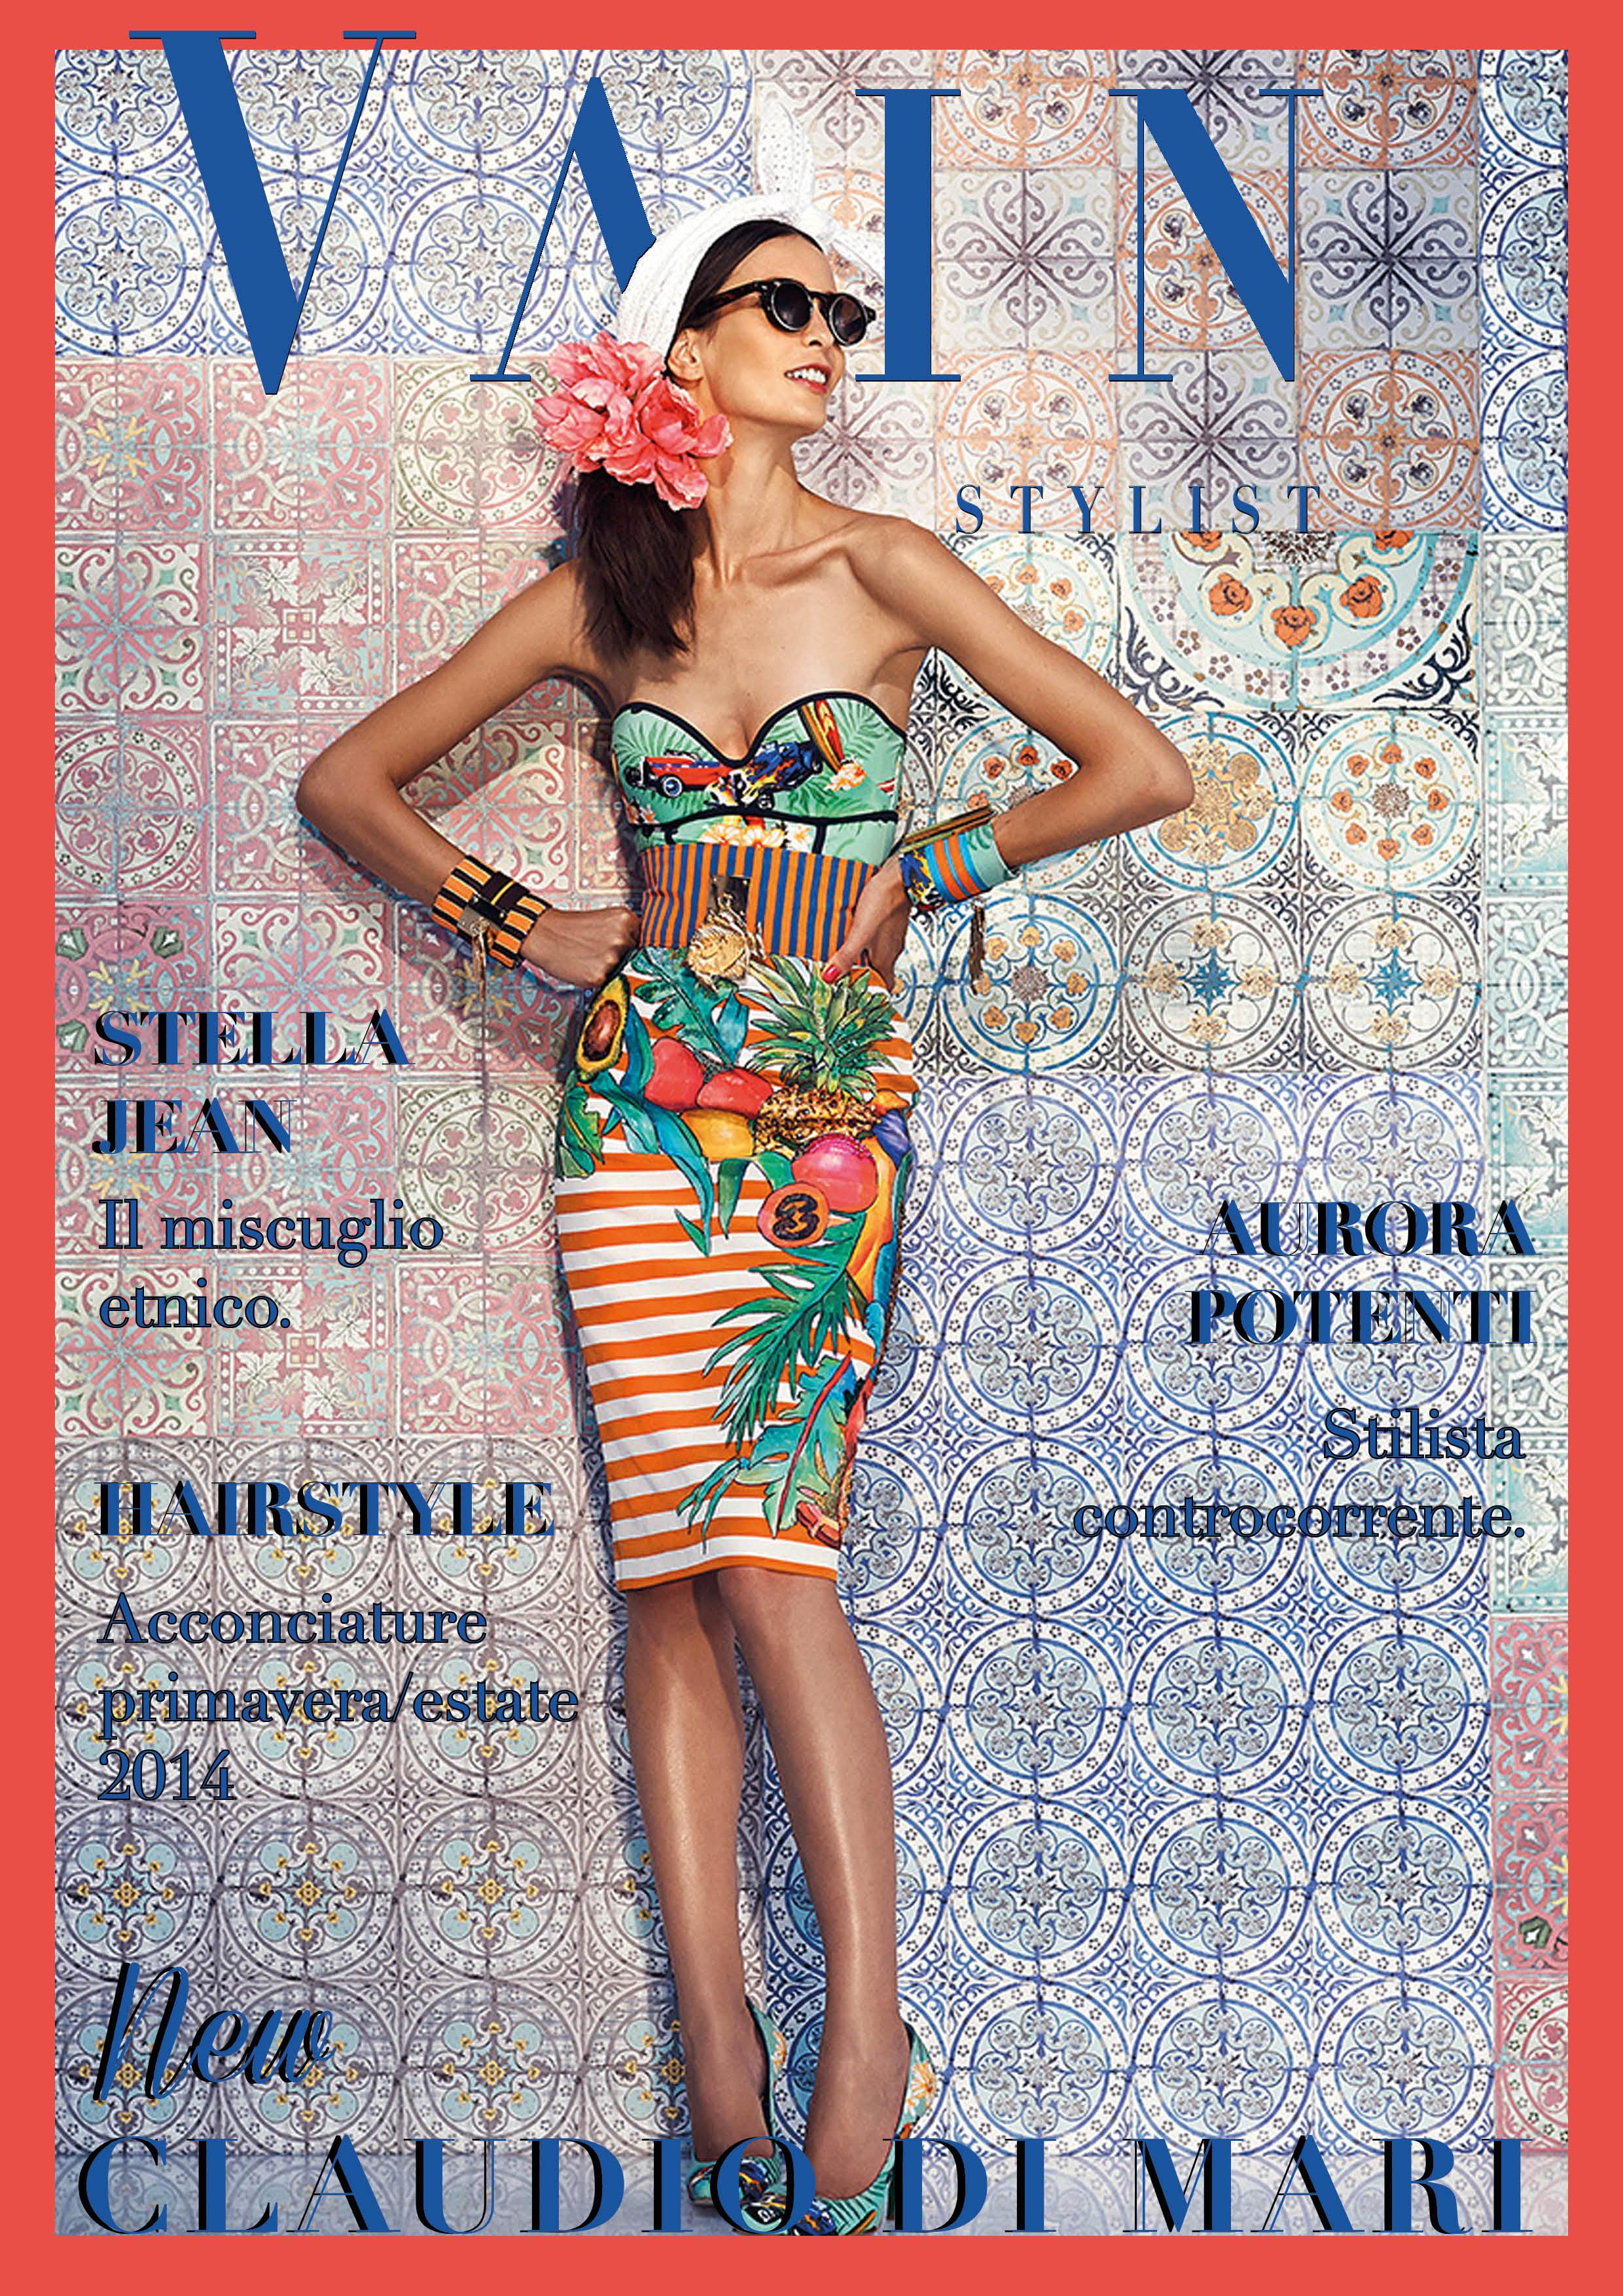 vain stylist magazine